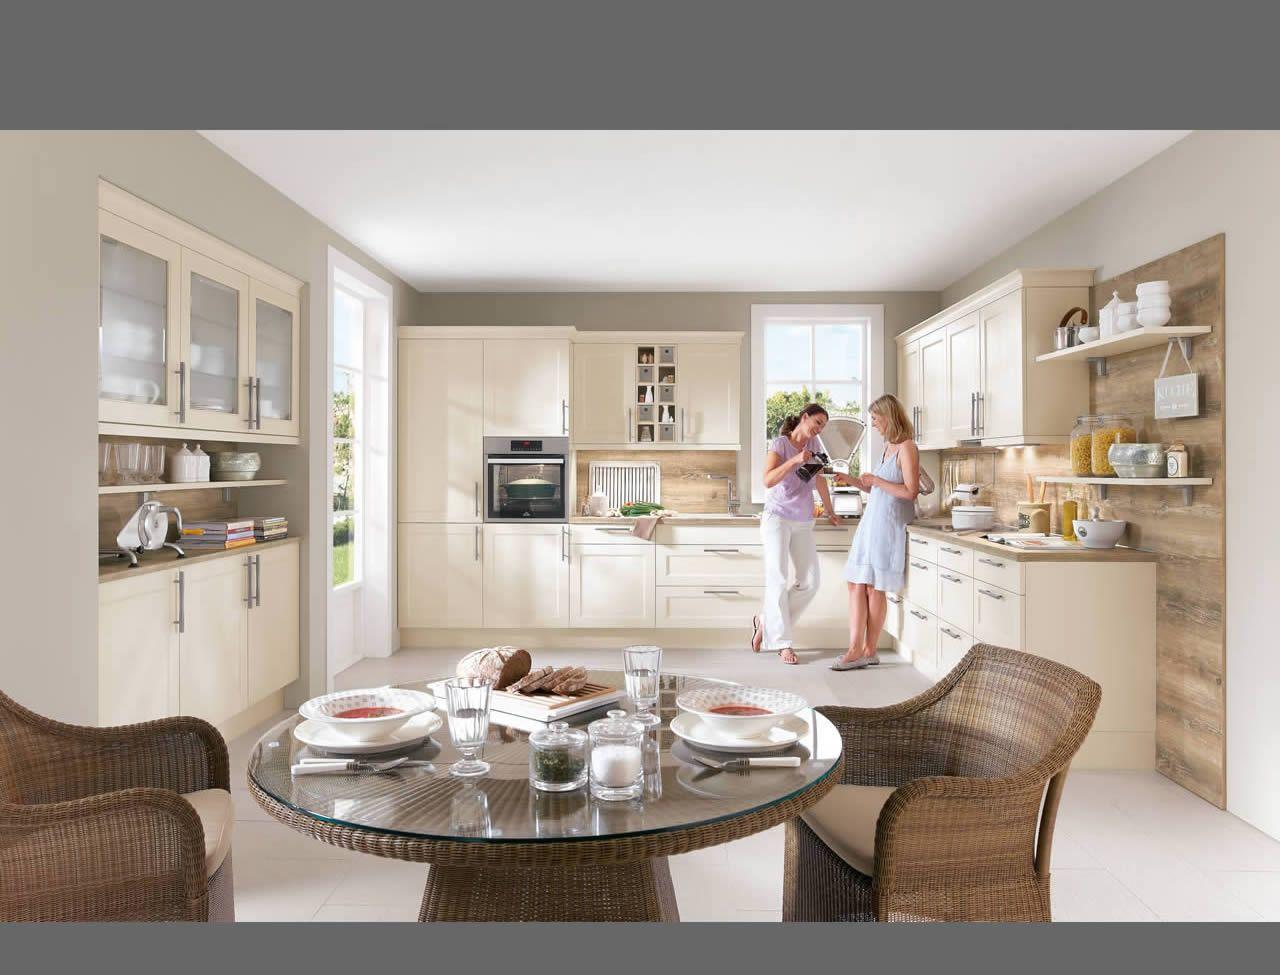 Produkte Küchengalerie Helle Farben Nobilia Küchen Ikea Küche Nobilia